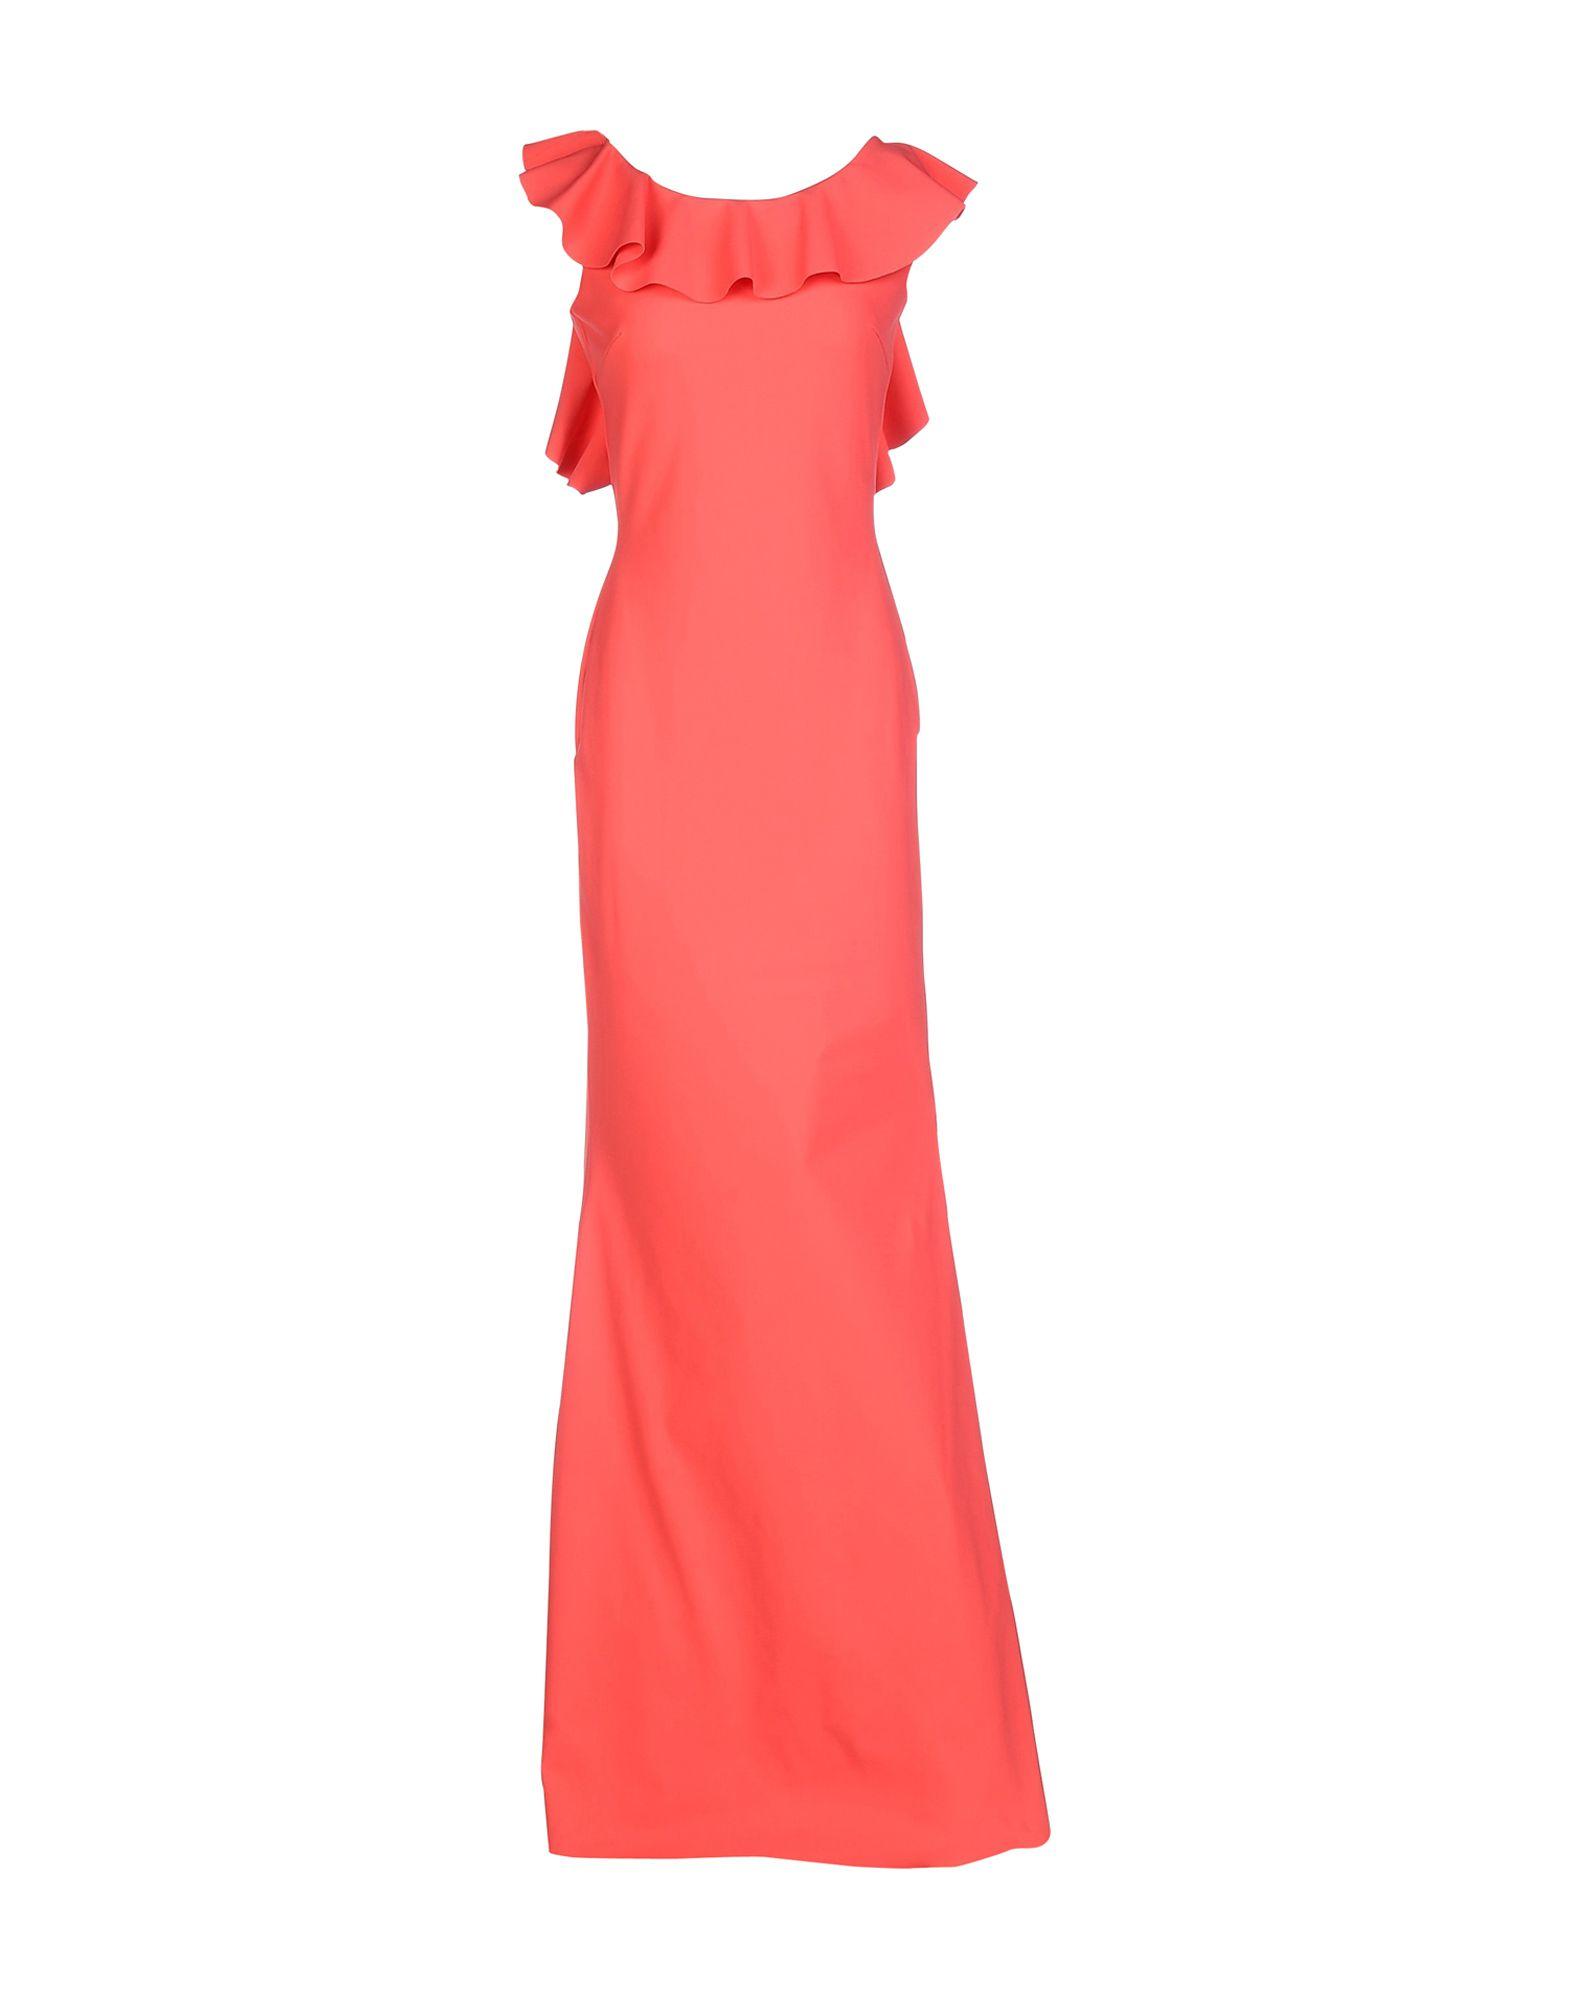 CHIARA BONI LA PETITE ROBE Длинное платье chiara boni la petite robe короткое платье